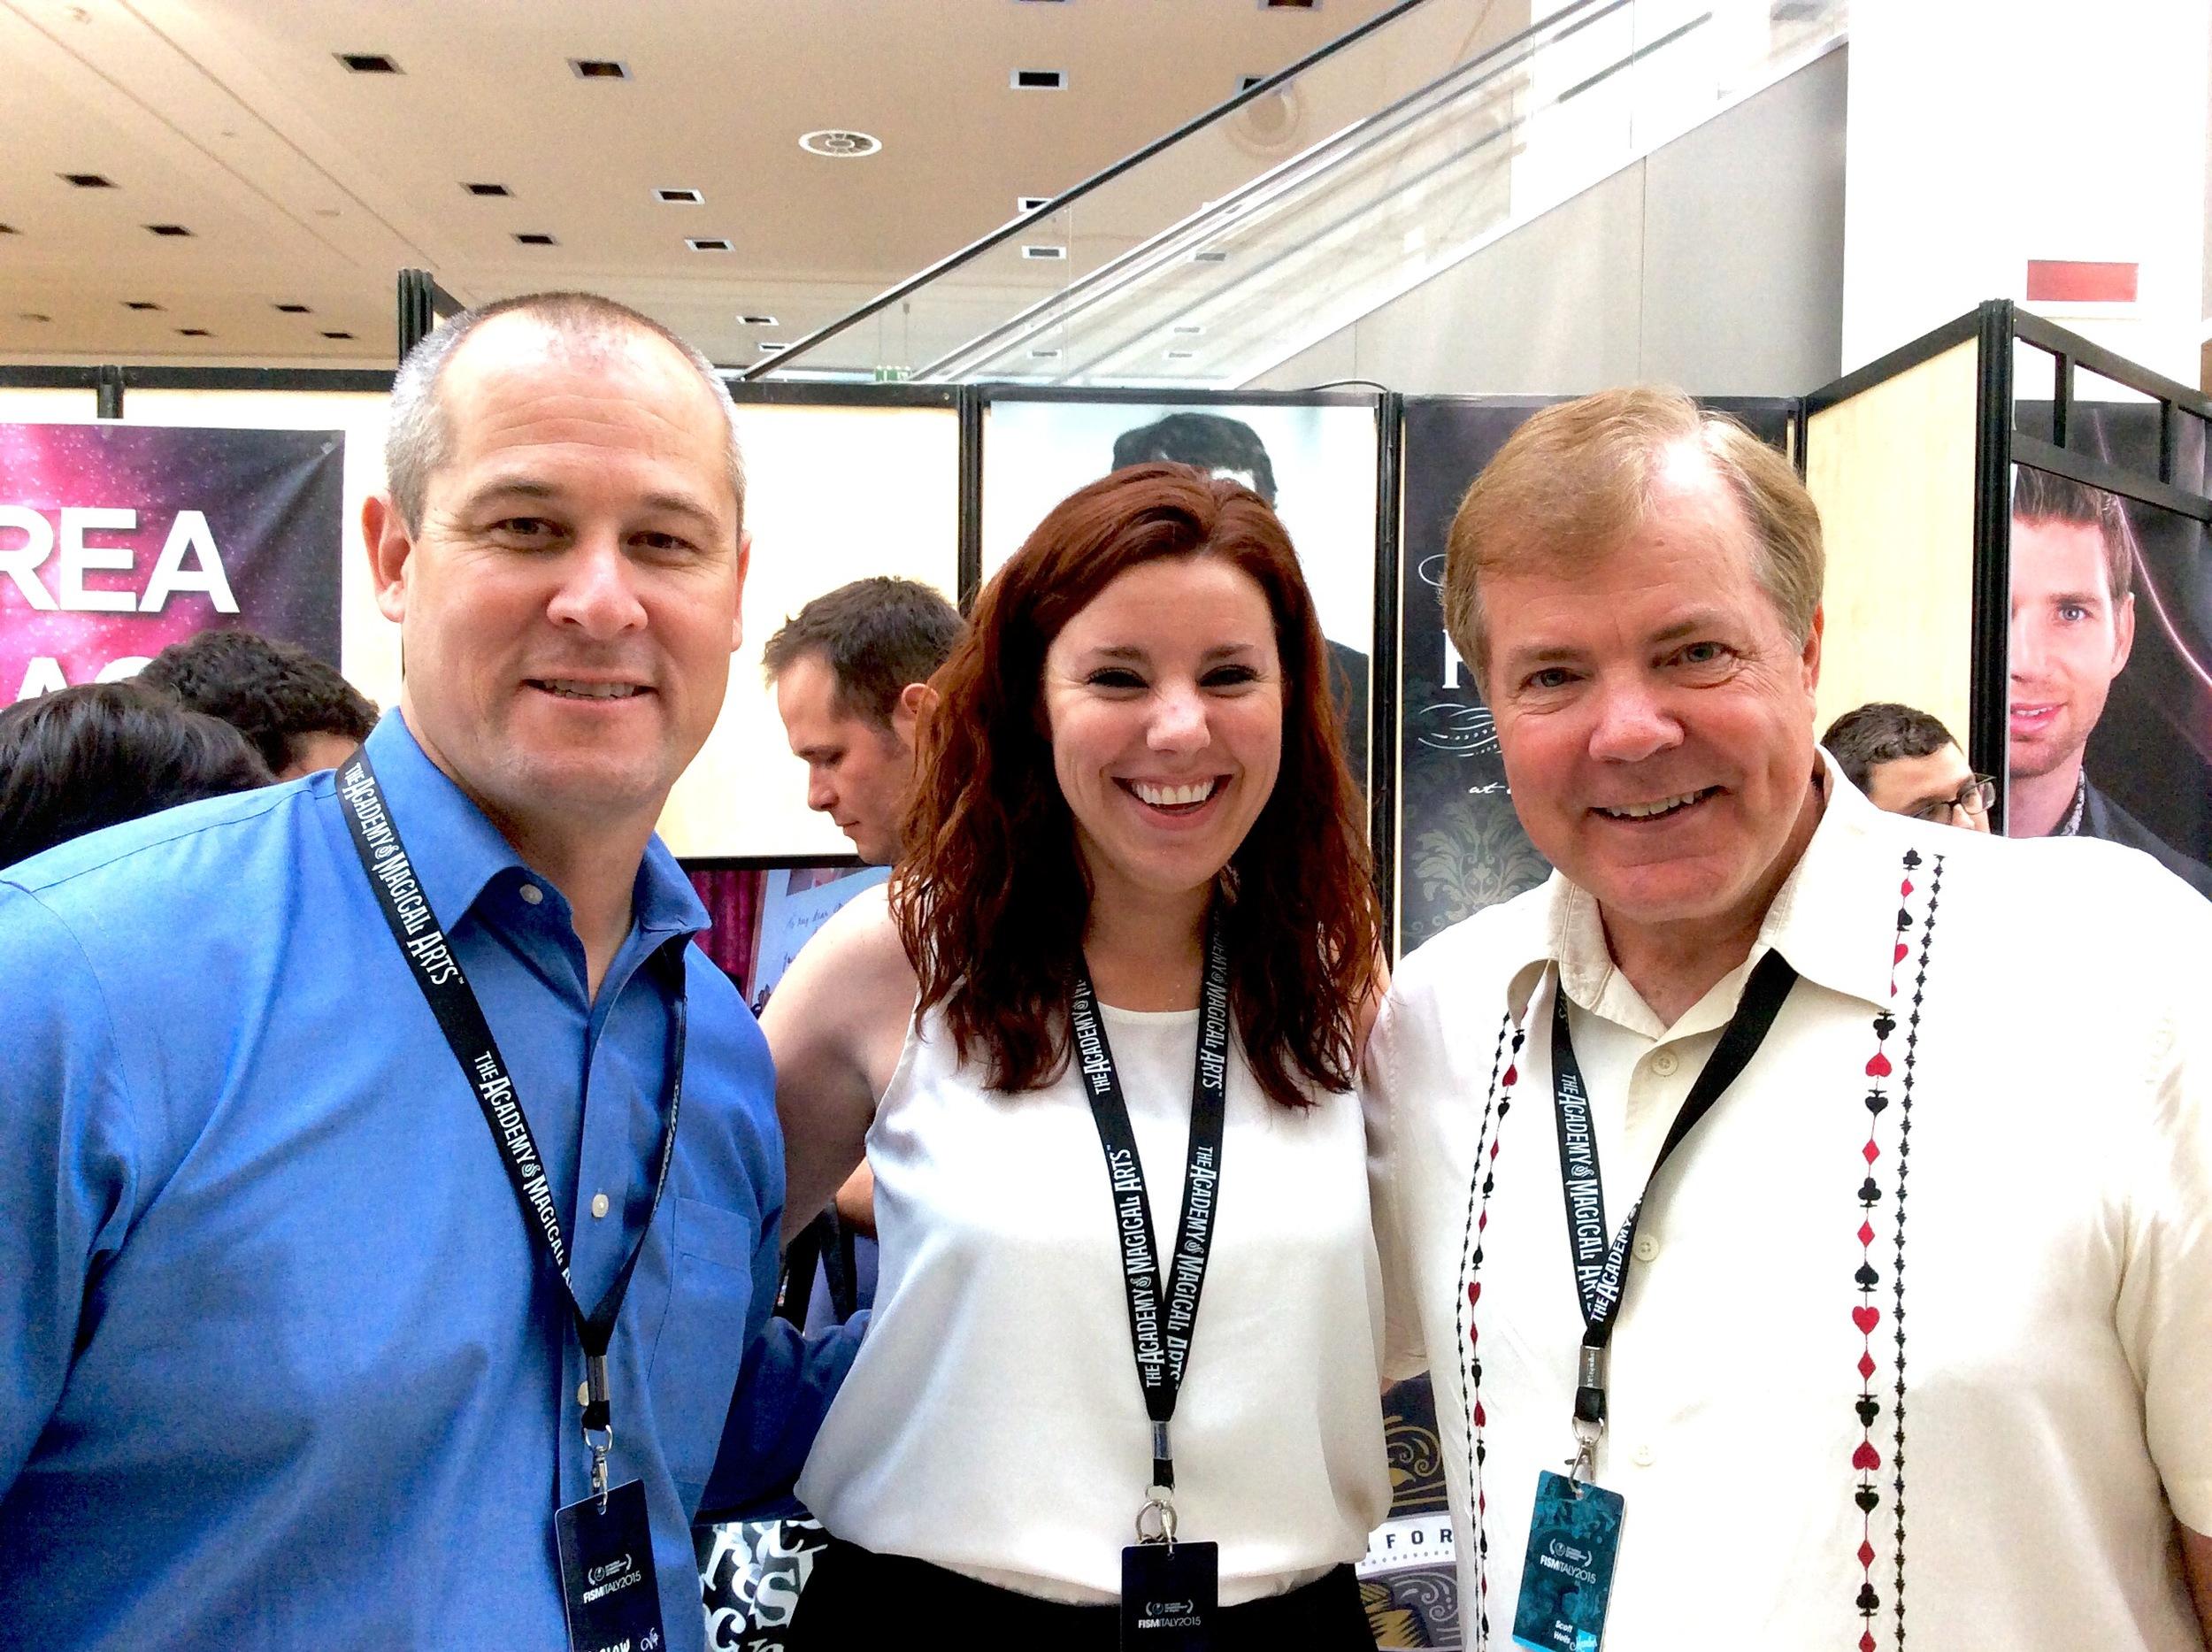 Joe Furlow, Trish Alaskey & Scott